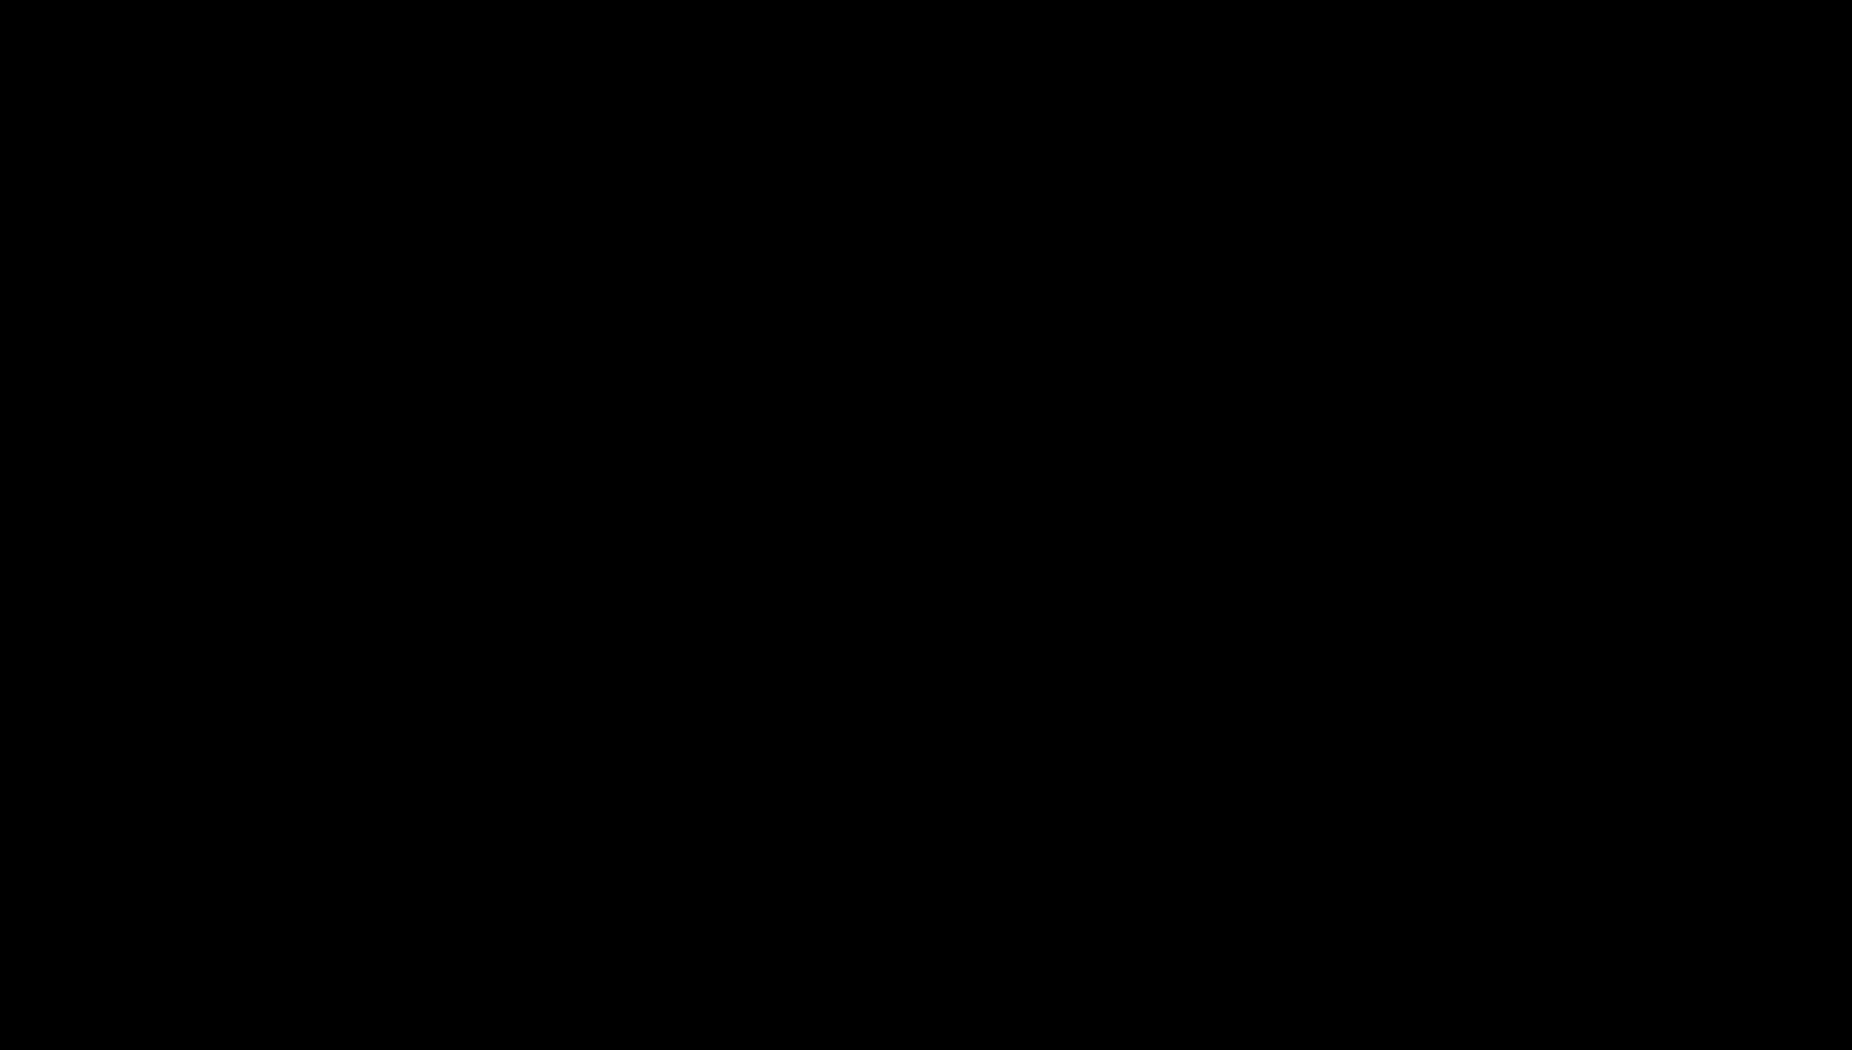 コエンザイムQ10の特徴・効能。筋トレとの関係性とおすすめサプリ。